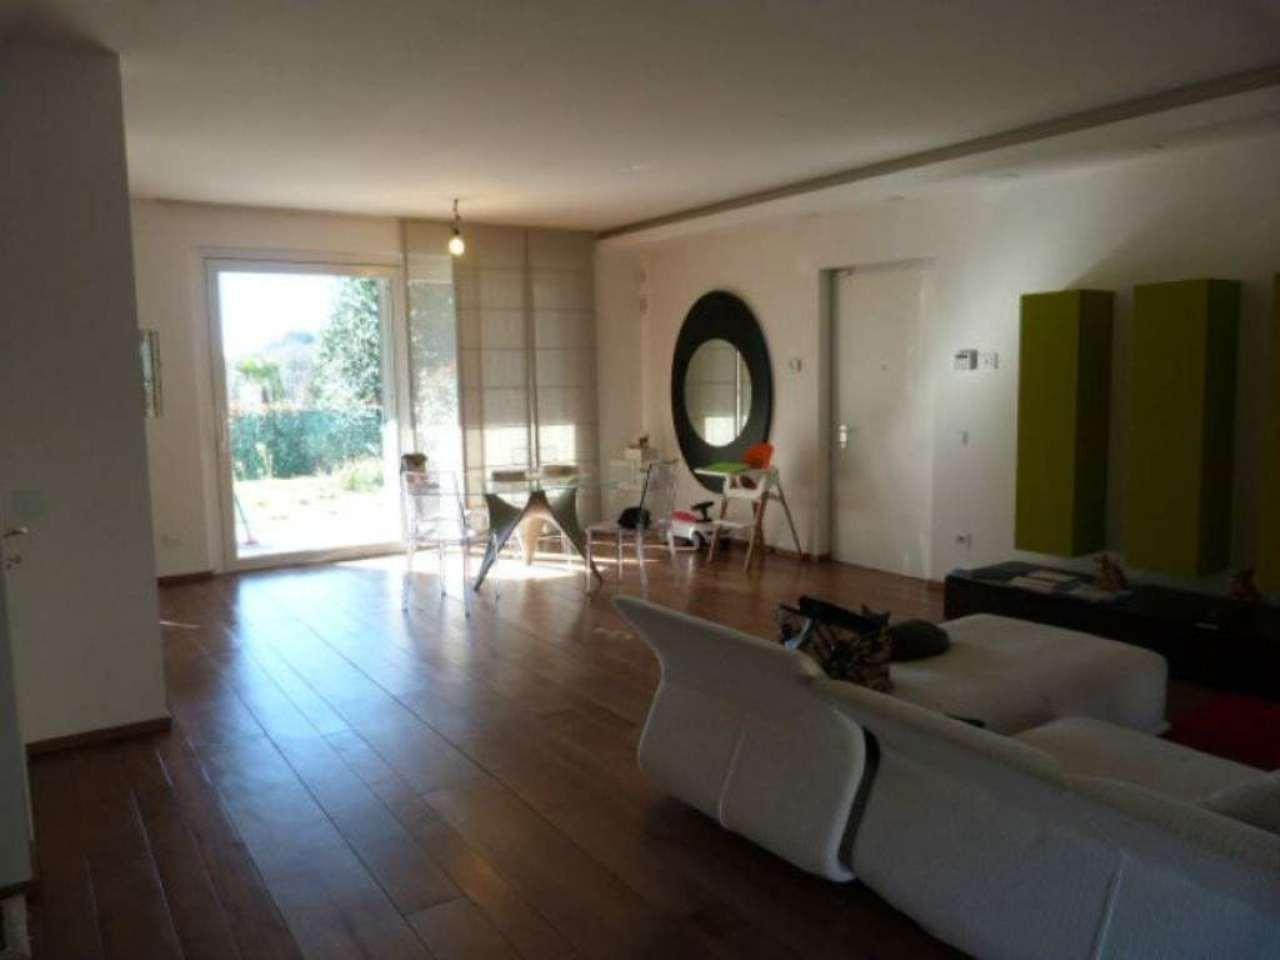 Villa in vendita a Montano Lucino, 5 locali, prezzo € 495.000 | Cambio Casa.it